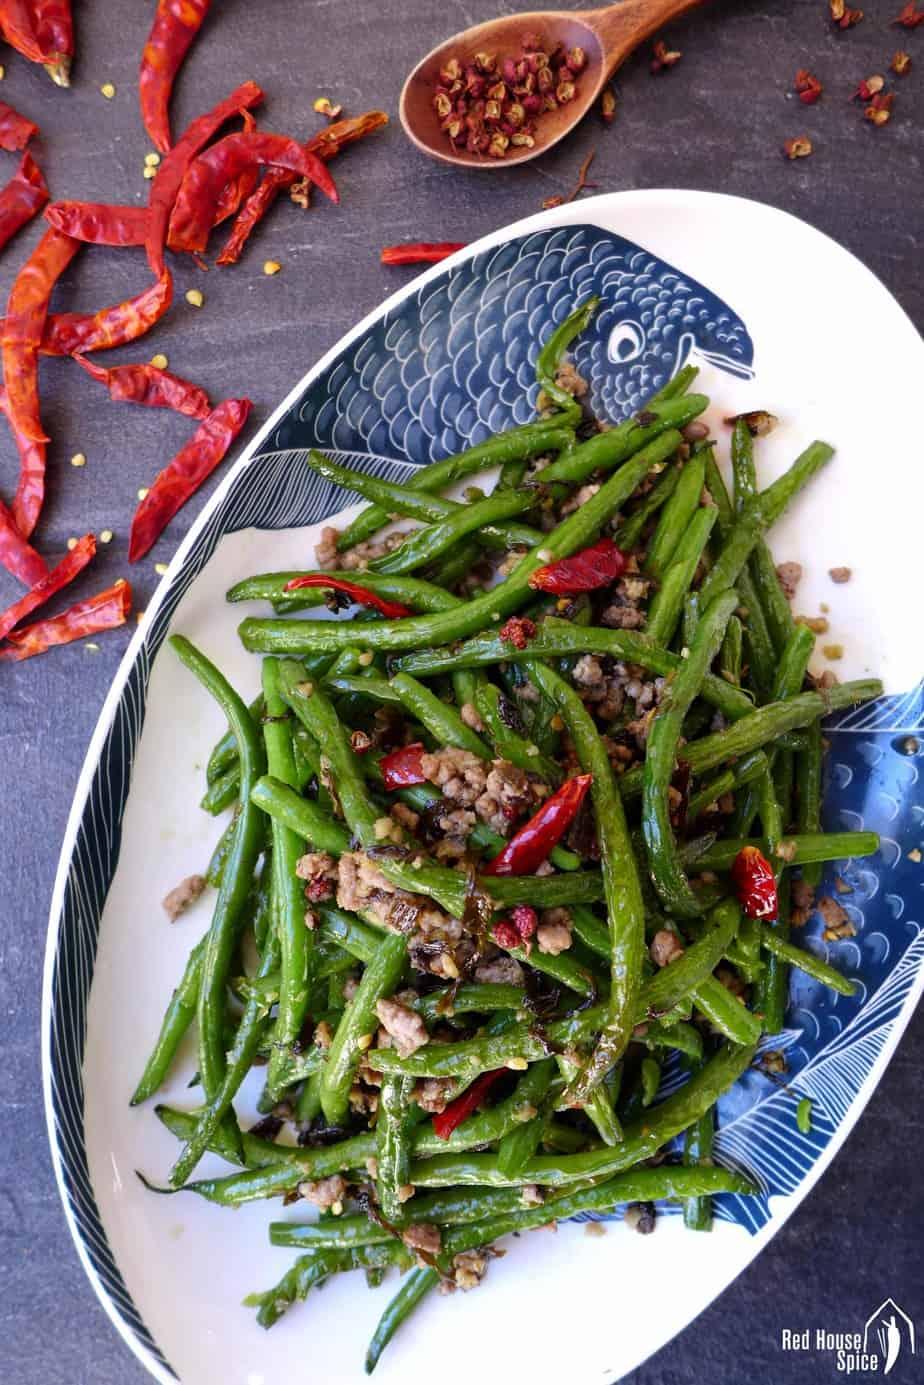 A plate of Sichuan green bean stir fry